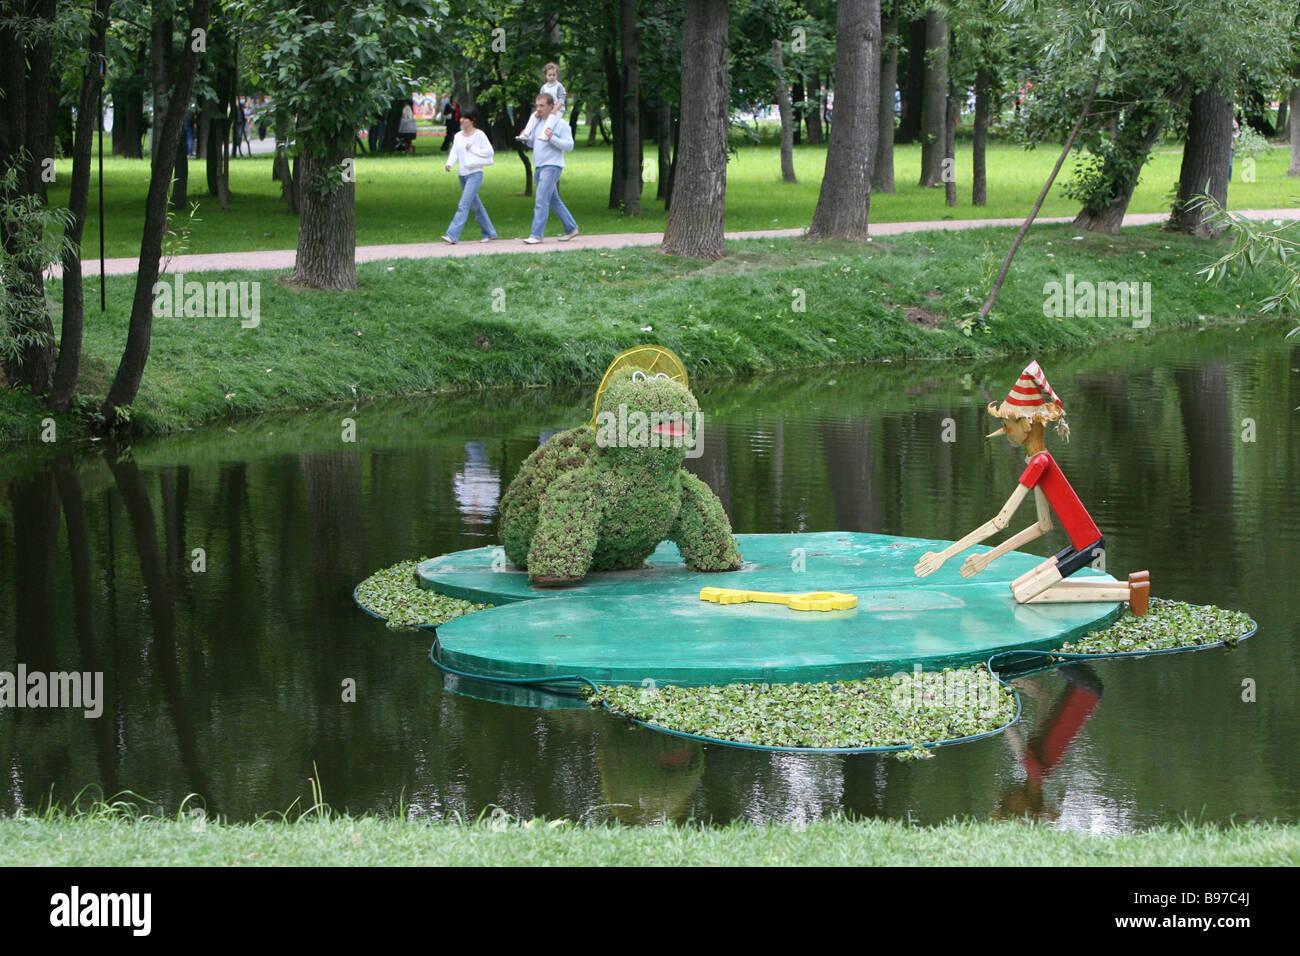 La clé d'or de la 5ème composition Pinocchio city festival des jardins et l'architecture de paysage Photo Stock